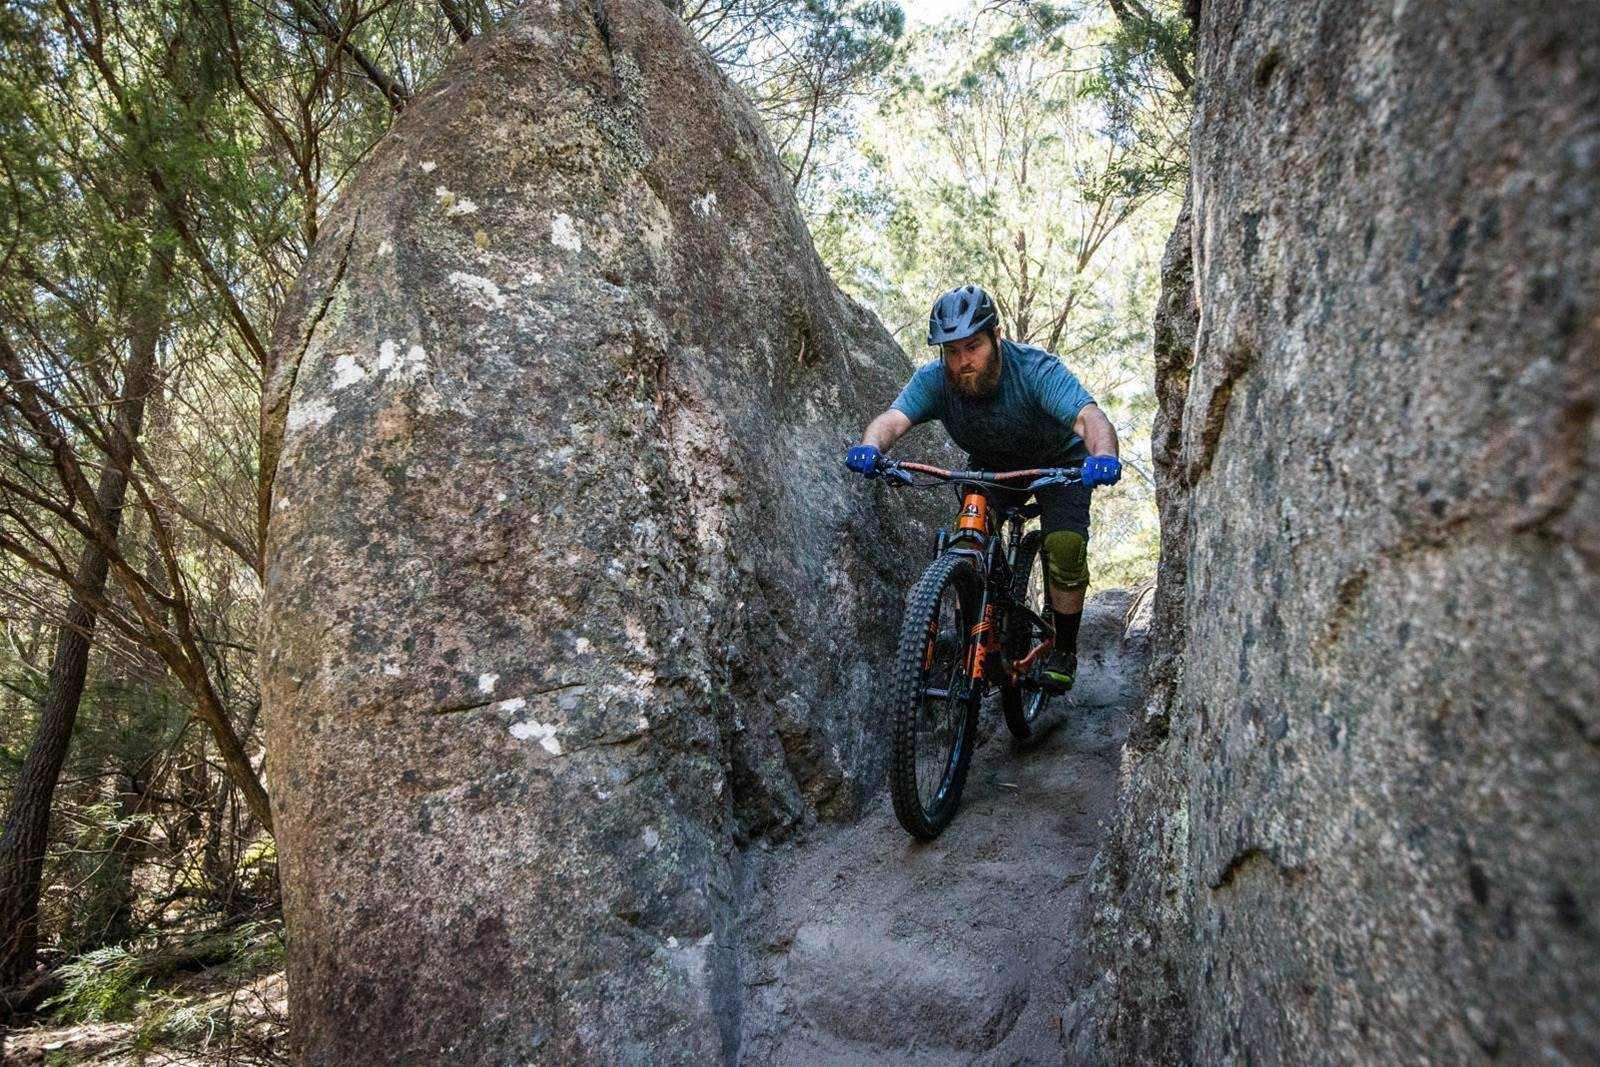 Derby's EWS trails